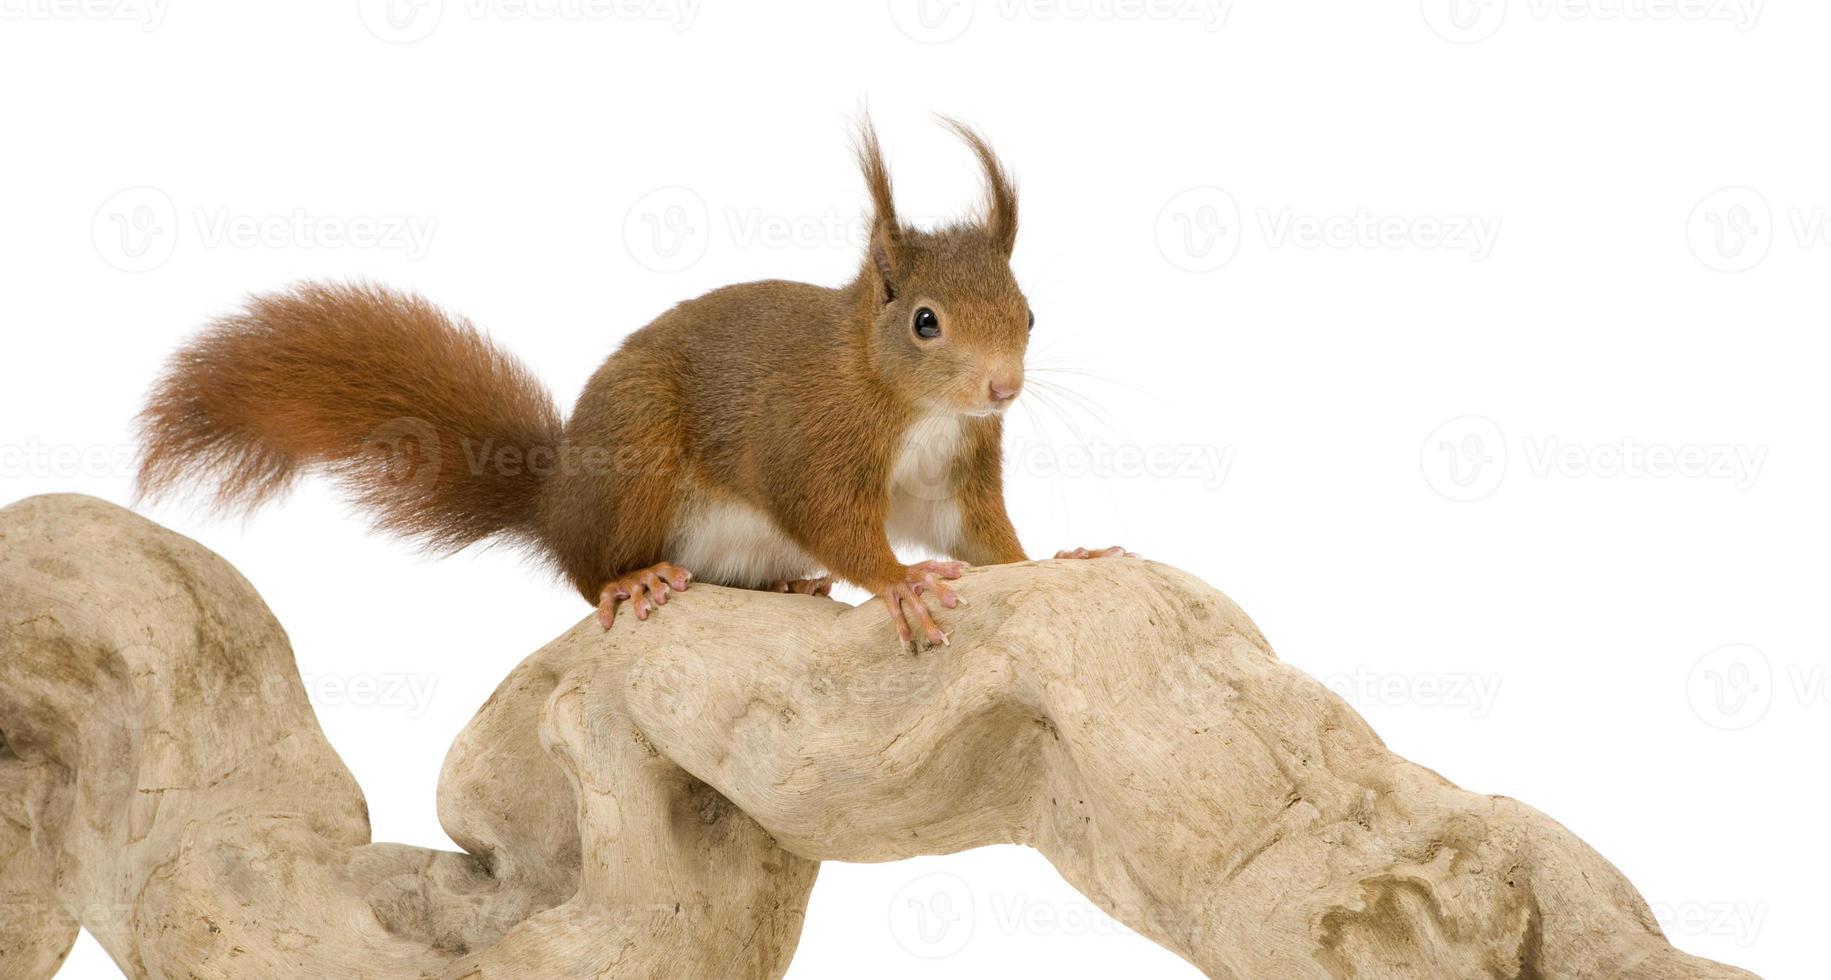 Eurasisches Eichhörnchen - Sciurus vulgaris (2 Jahre) foto